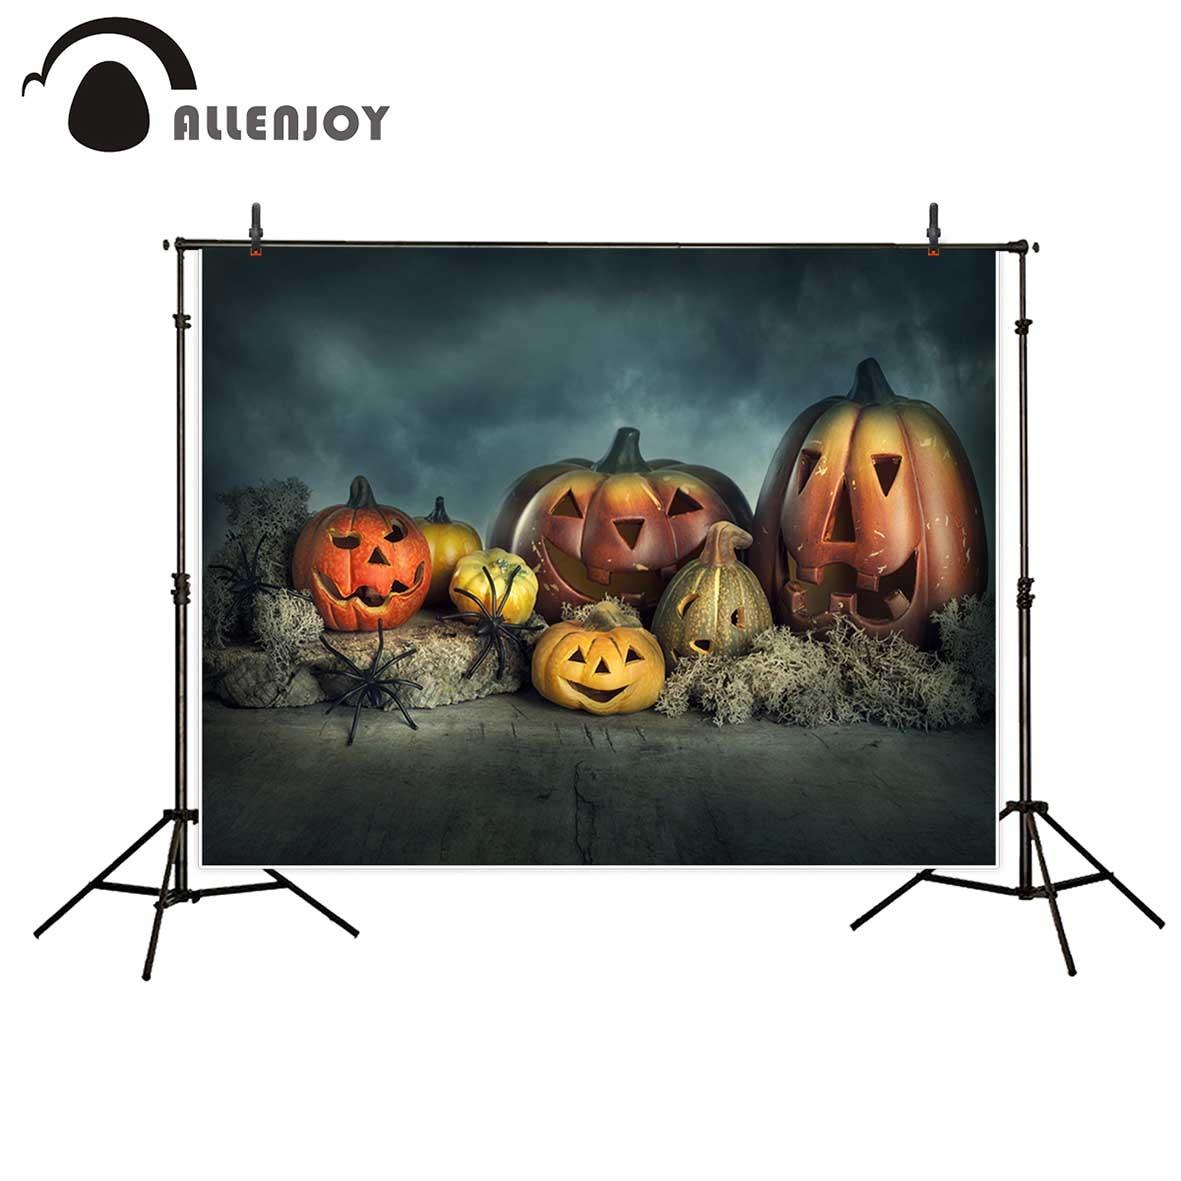 Allenjoy fotografía Fondo calabaza Halloween decoración araña recién nacido fotografía Fondo fond estudio foto